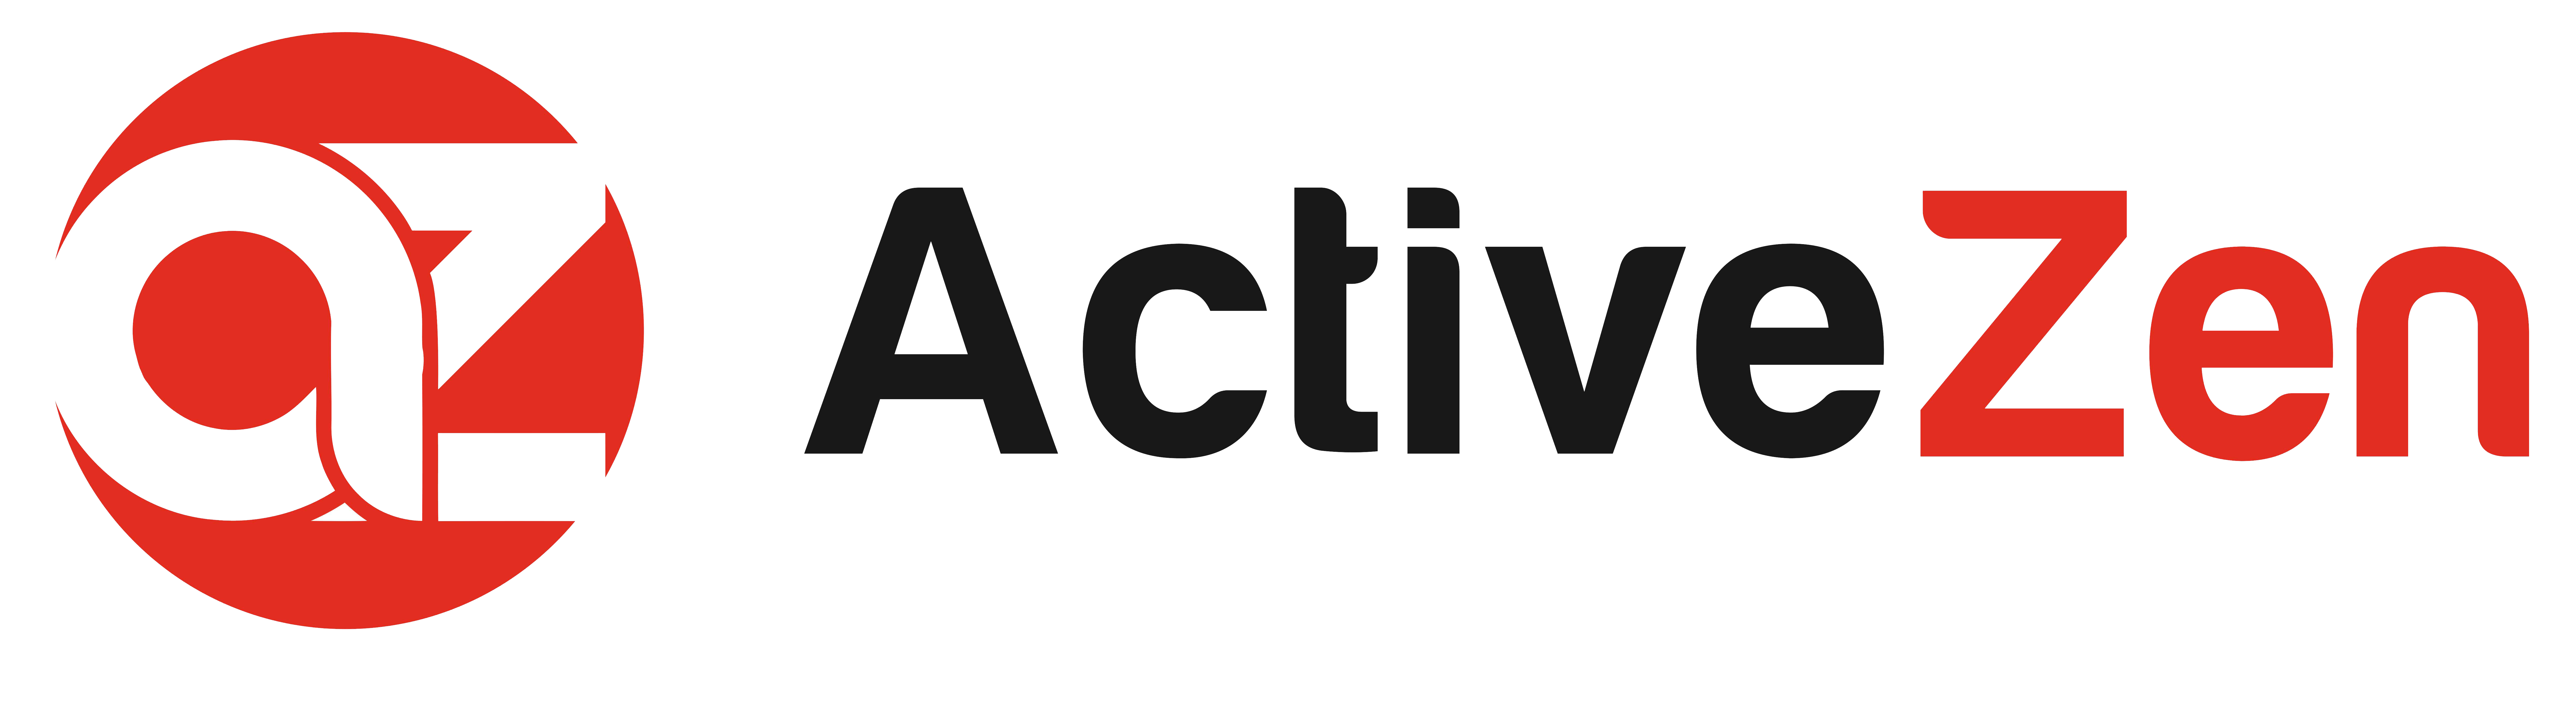 activezen